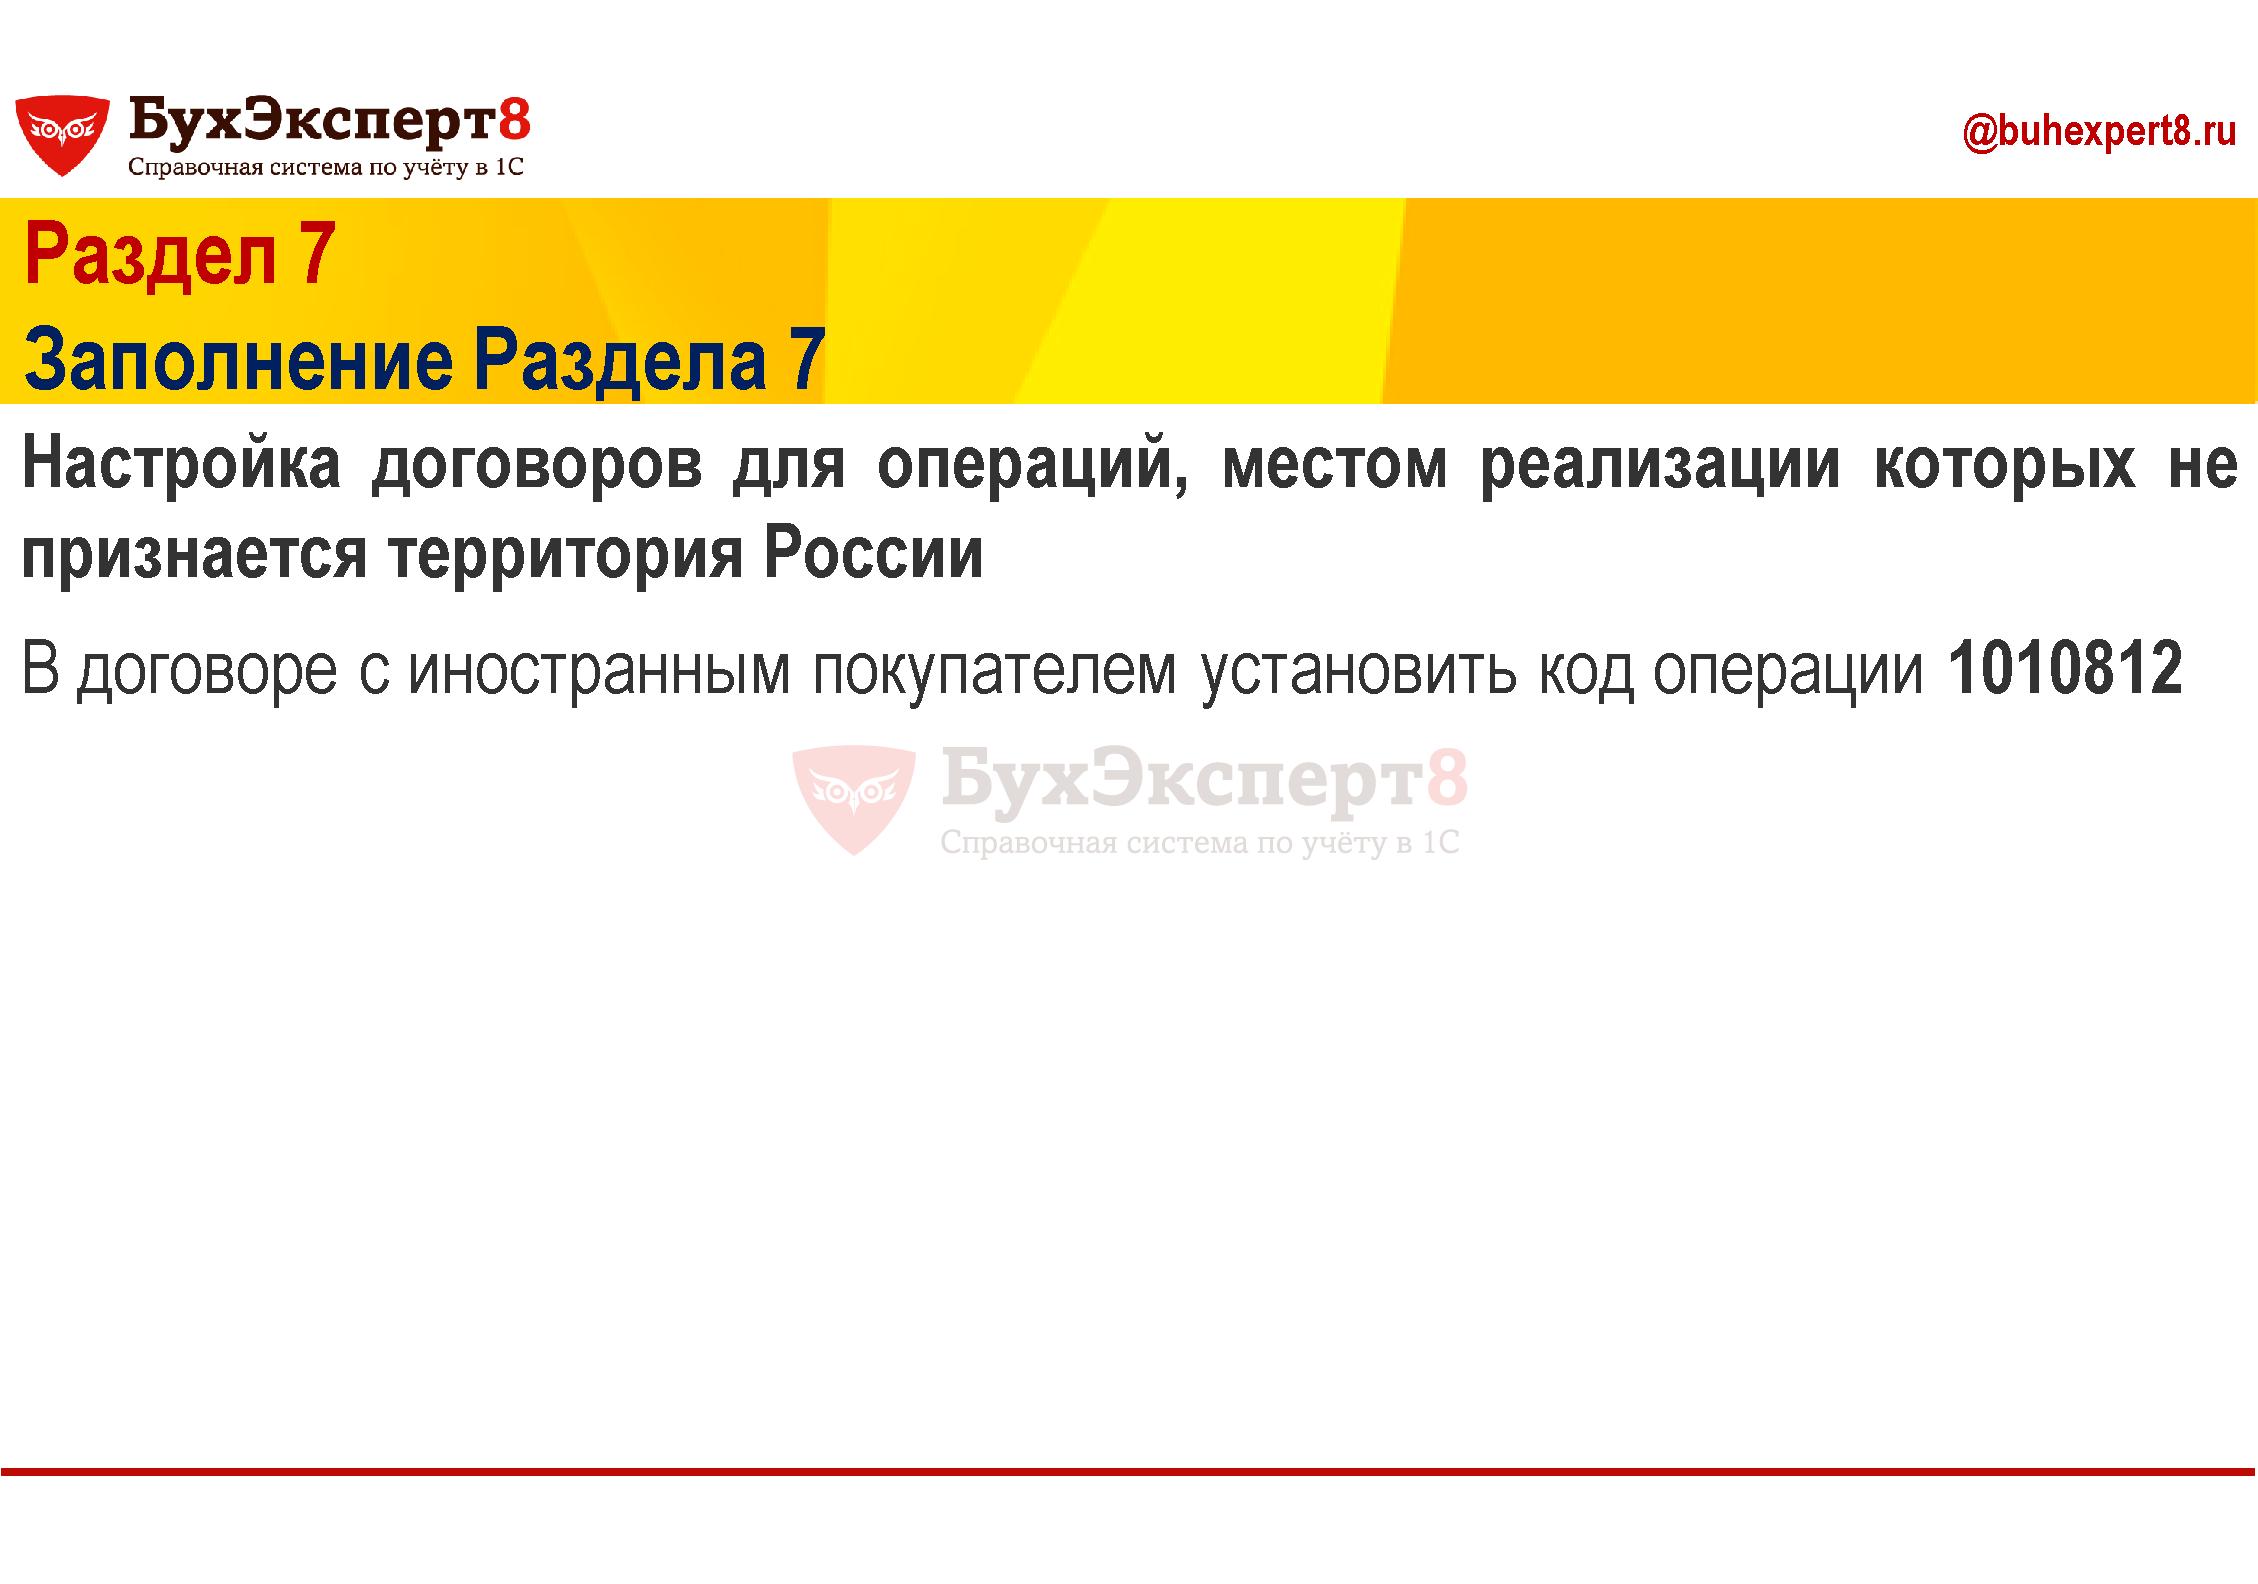 Раздел 7 Заполнение Раздела 7 Настройка договоров для операций, местом реализации которых не признается территория России В договоре с иностранным покупателем установить код операции 1010812